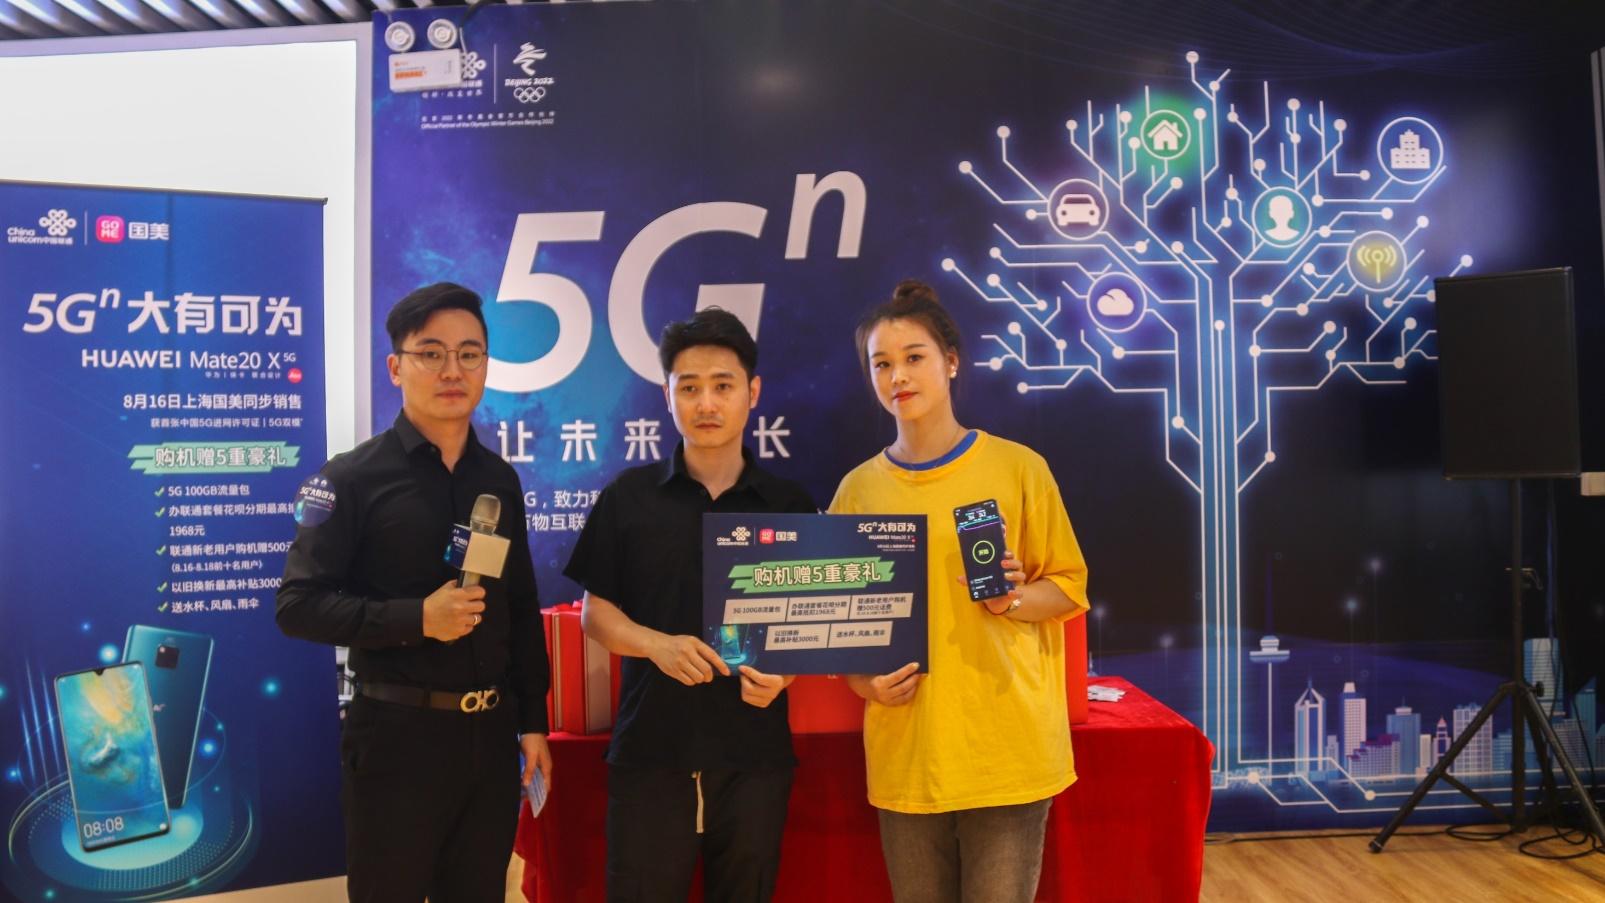 上海国美&上海联通正式首发华为Mate 20 X 5G手机